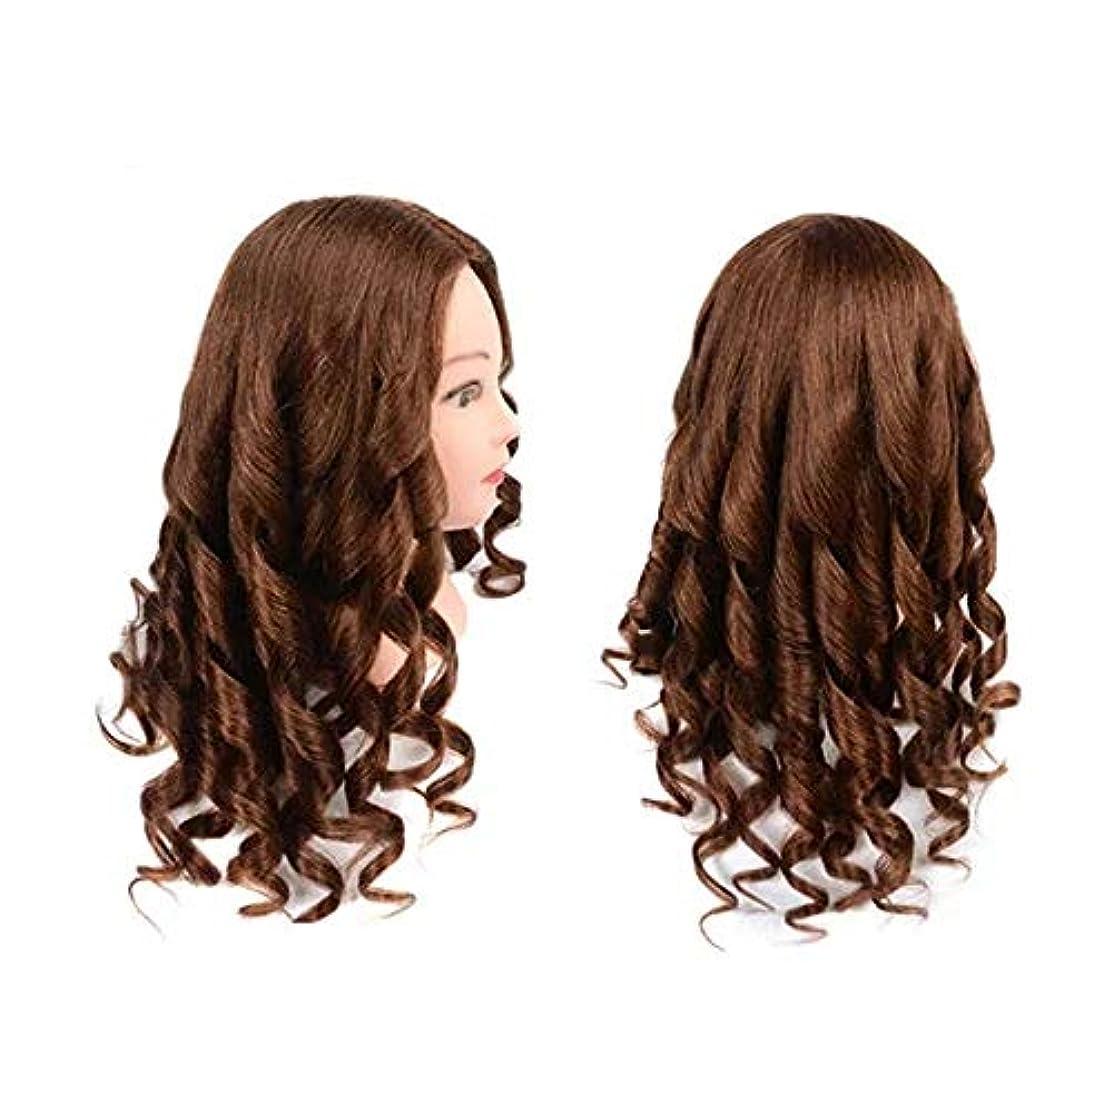 すばらしいですグリップホールドオールヘアマネキンヘッド クランプ実践サロンでは80%の人間の髪マネキン頭部イエローナチュラルカラー ヘア理髪トレーニングモデル付き (色 : 褐色, サイズ : 60cm(hair length))